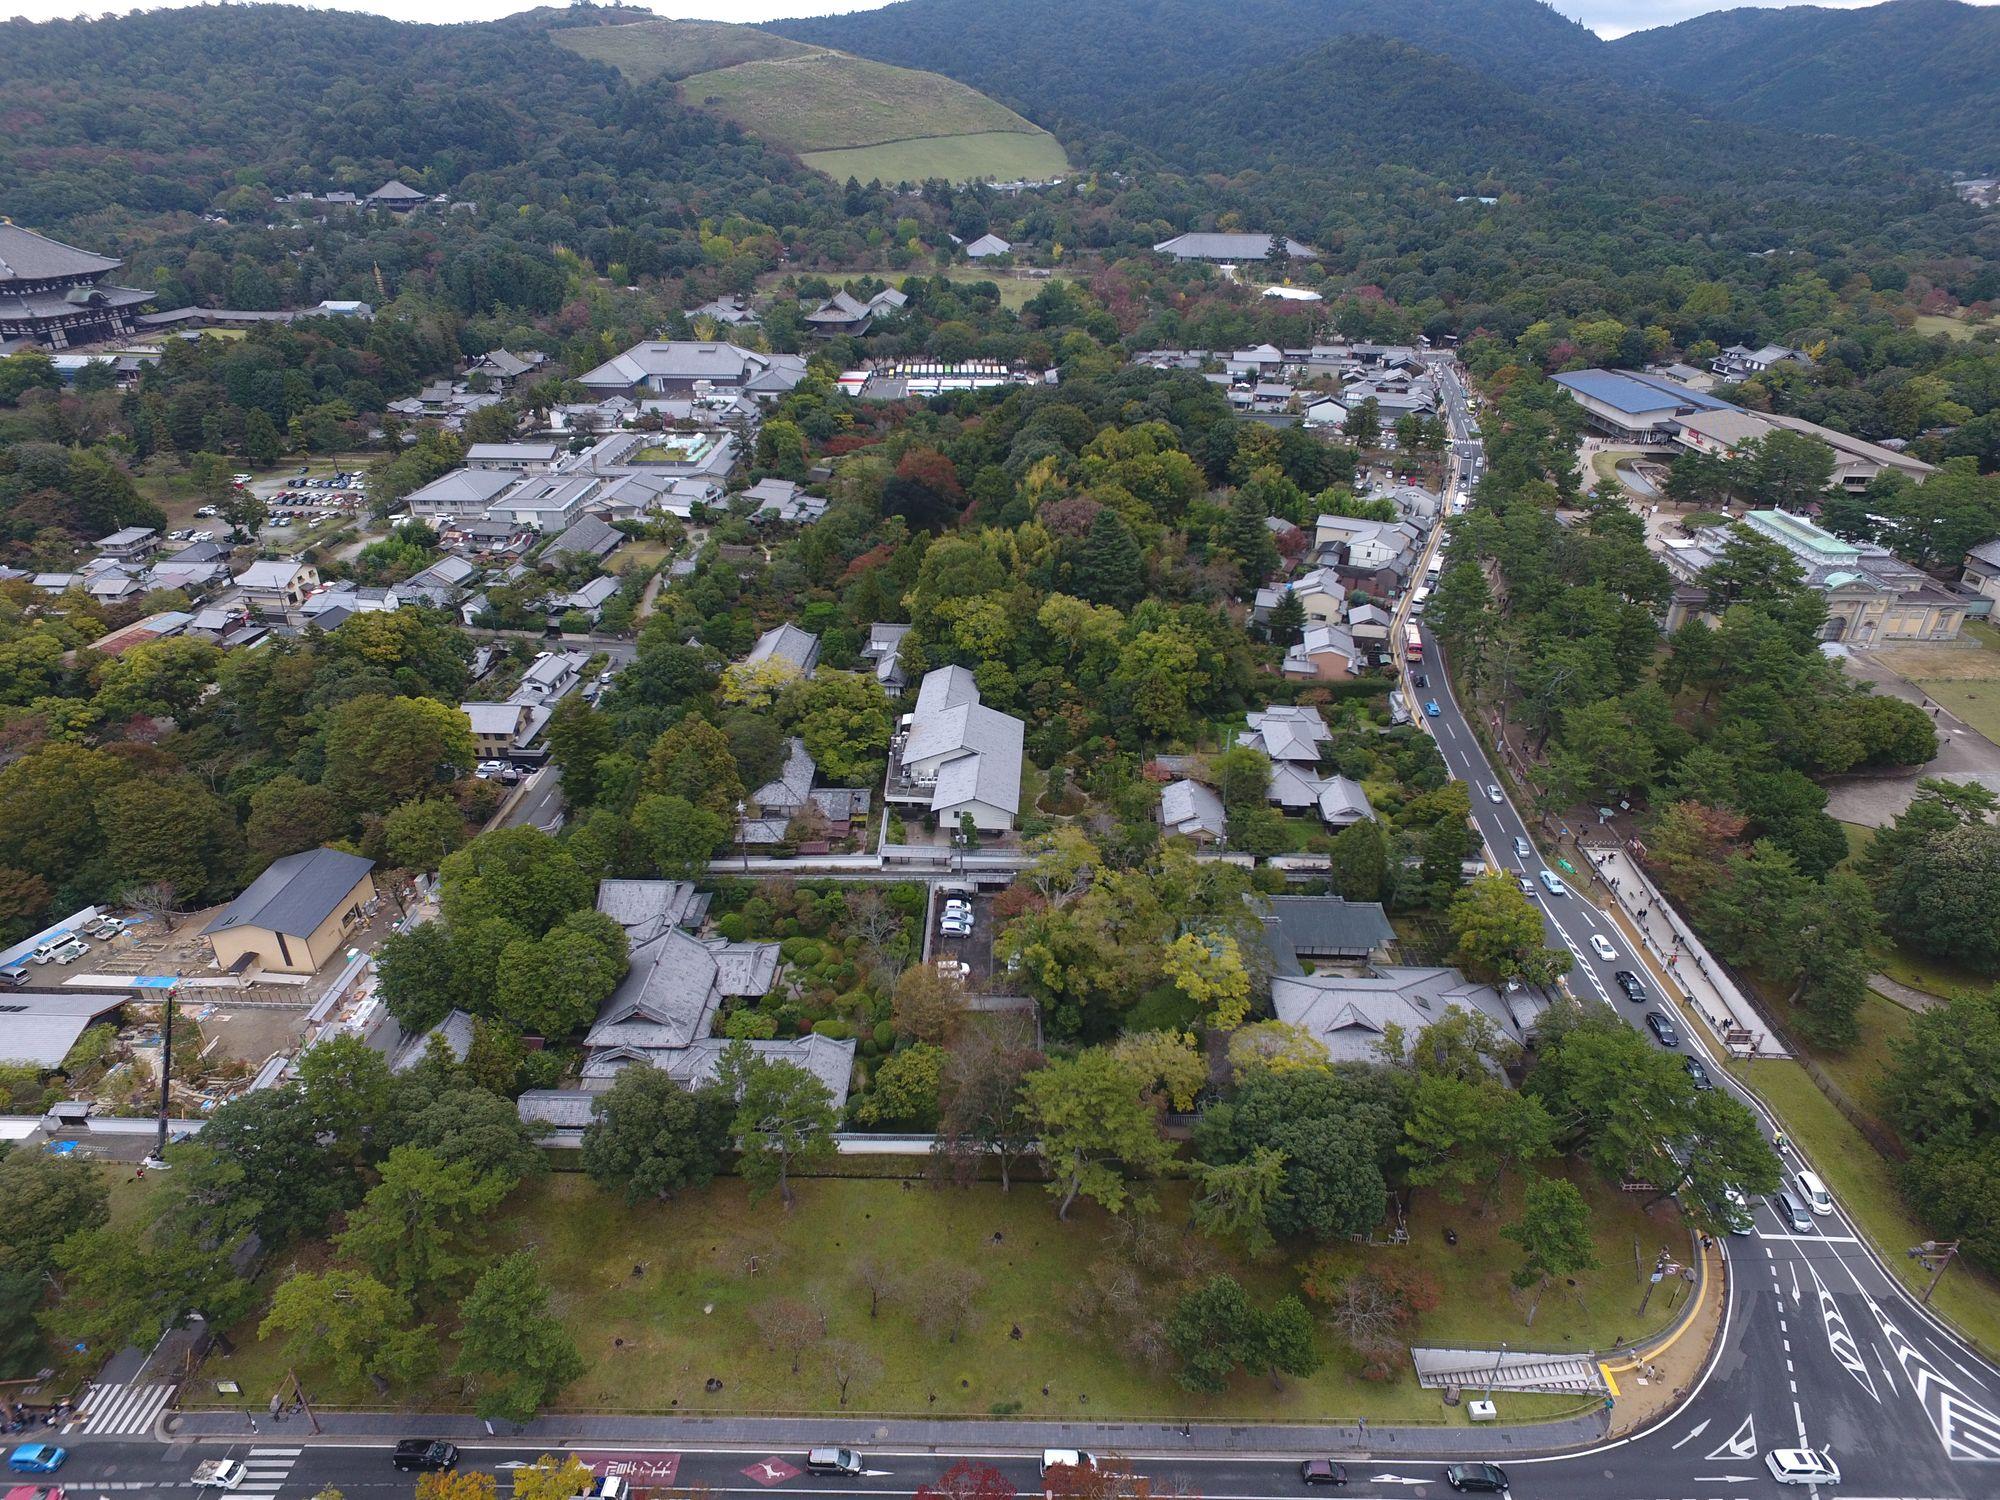 吉城園周辺地区保存管理・活用事業について/奈良県公式ホームページ